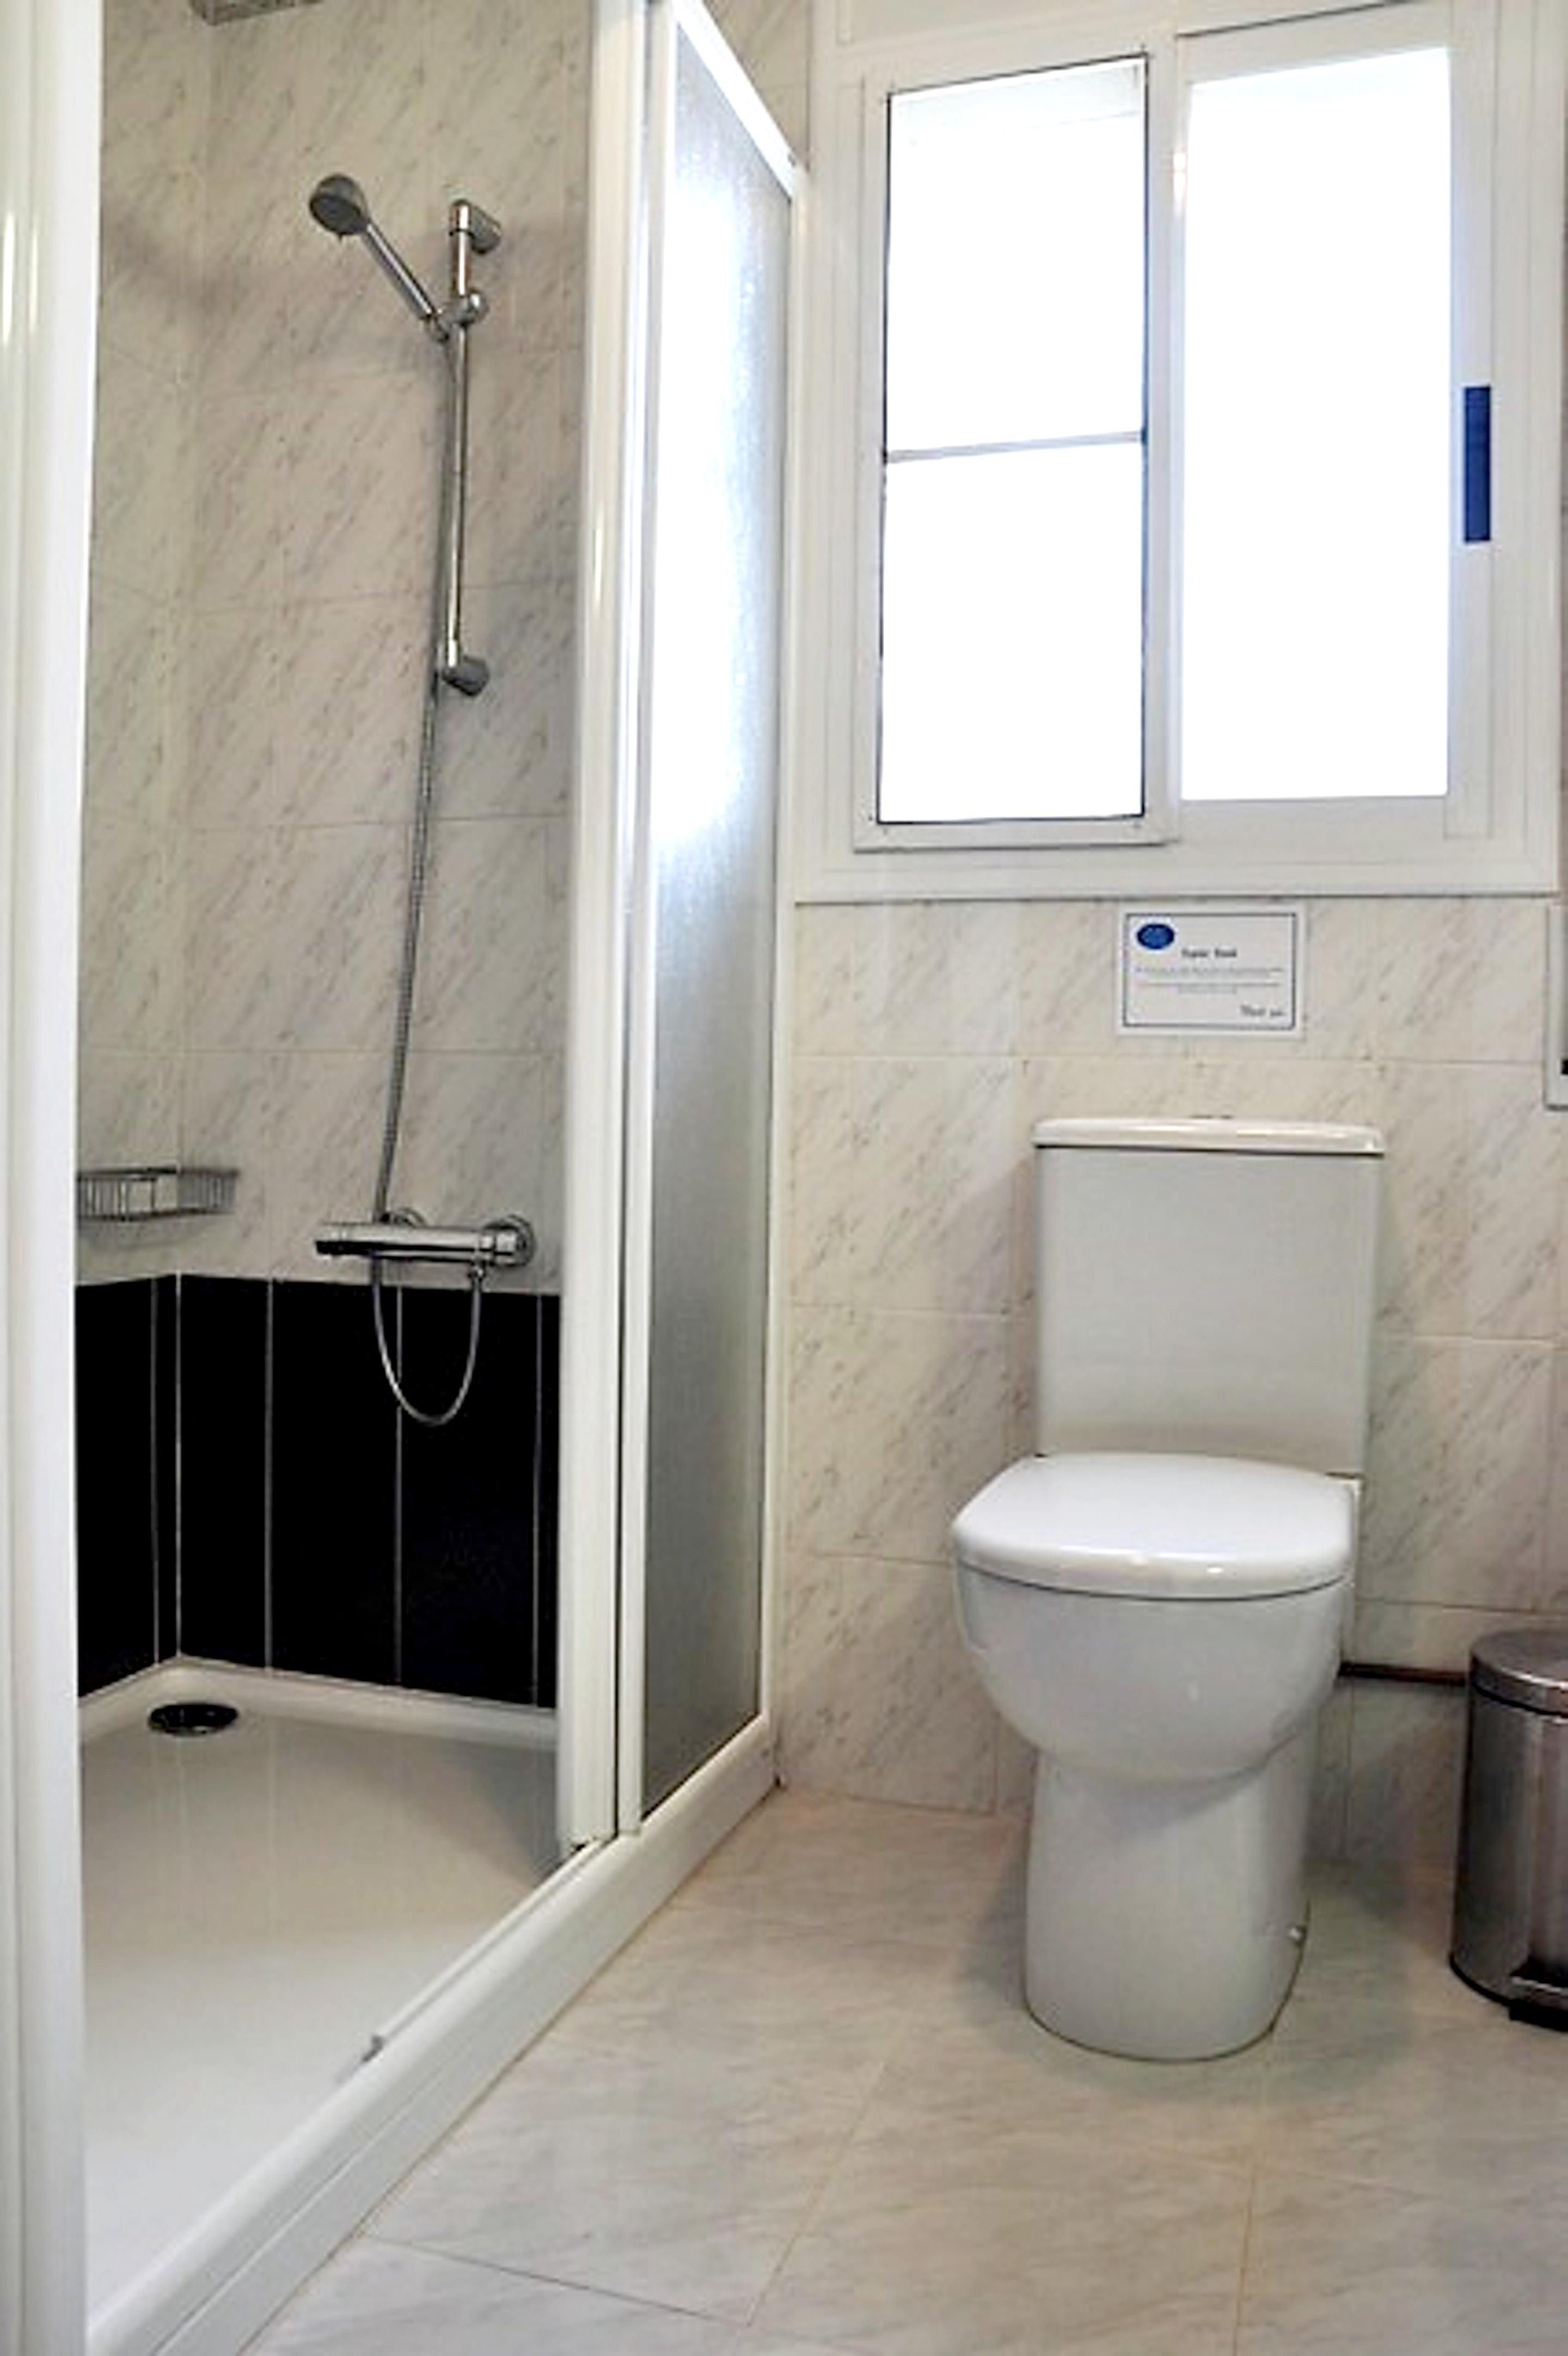 Ferienhaus Villa mit 3 Schlafzimmern in Ampolla mit herrlichem Meerblick, privatem Pool, möbliertem G (2201037), L'Ampolla, Costa Dorada, Katalonien, Spanien, Bild 26